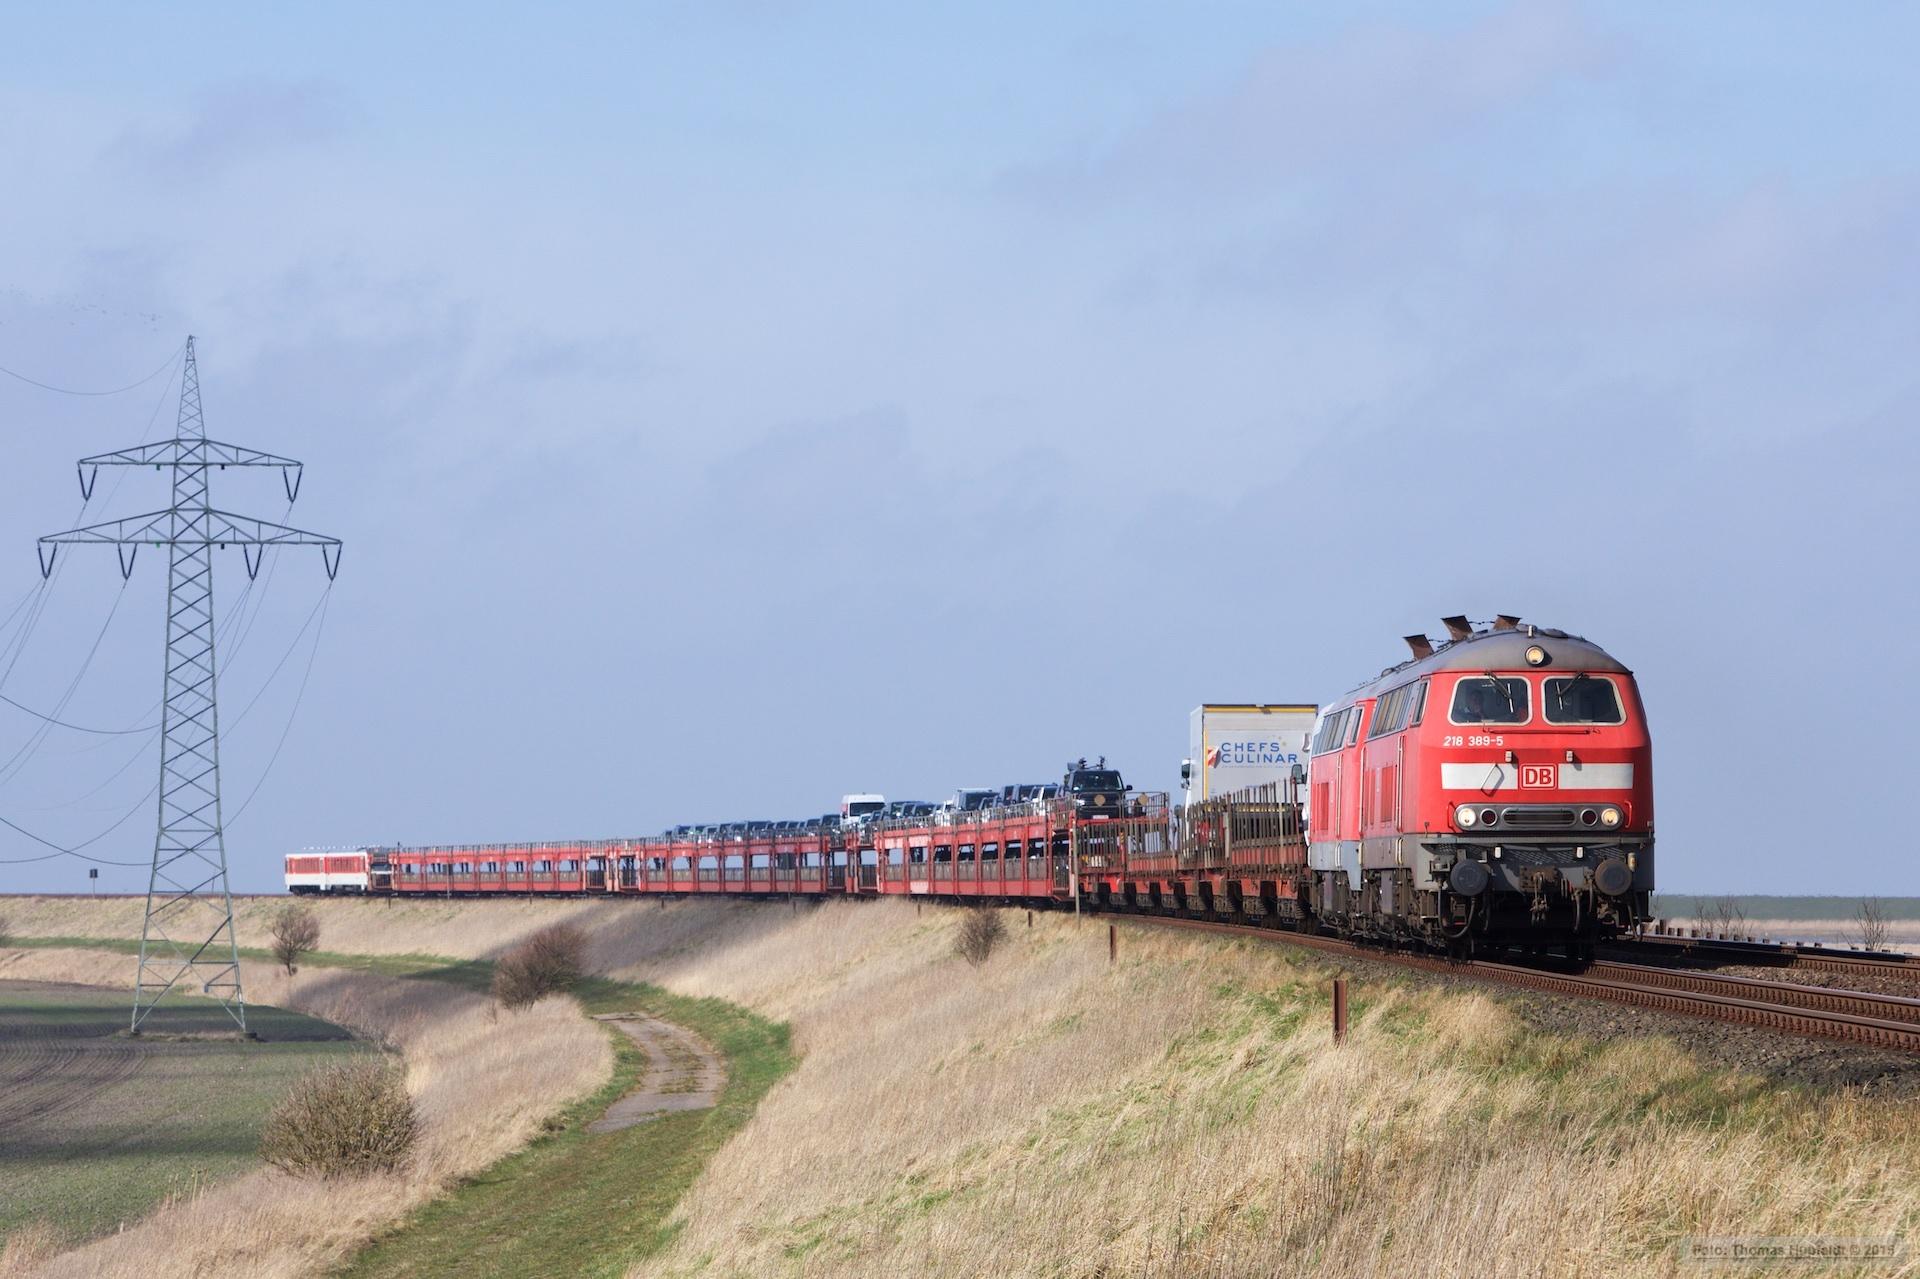 DB 218 389-5 og DB 218 473-7 m. Autozug og DB 628 512-928 512 som AS 1431 (Westerland_Niebüll) mellem Morsum og Klanxbüll - 26.03.2016